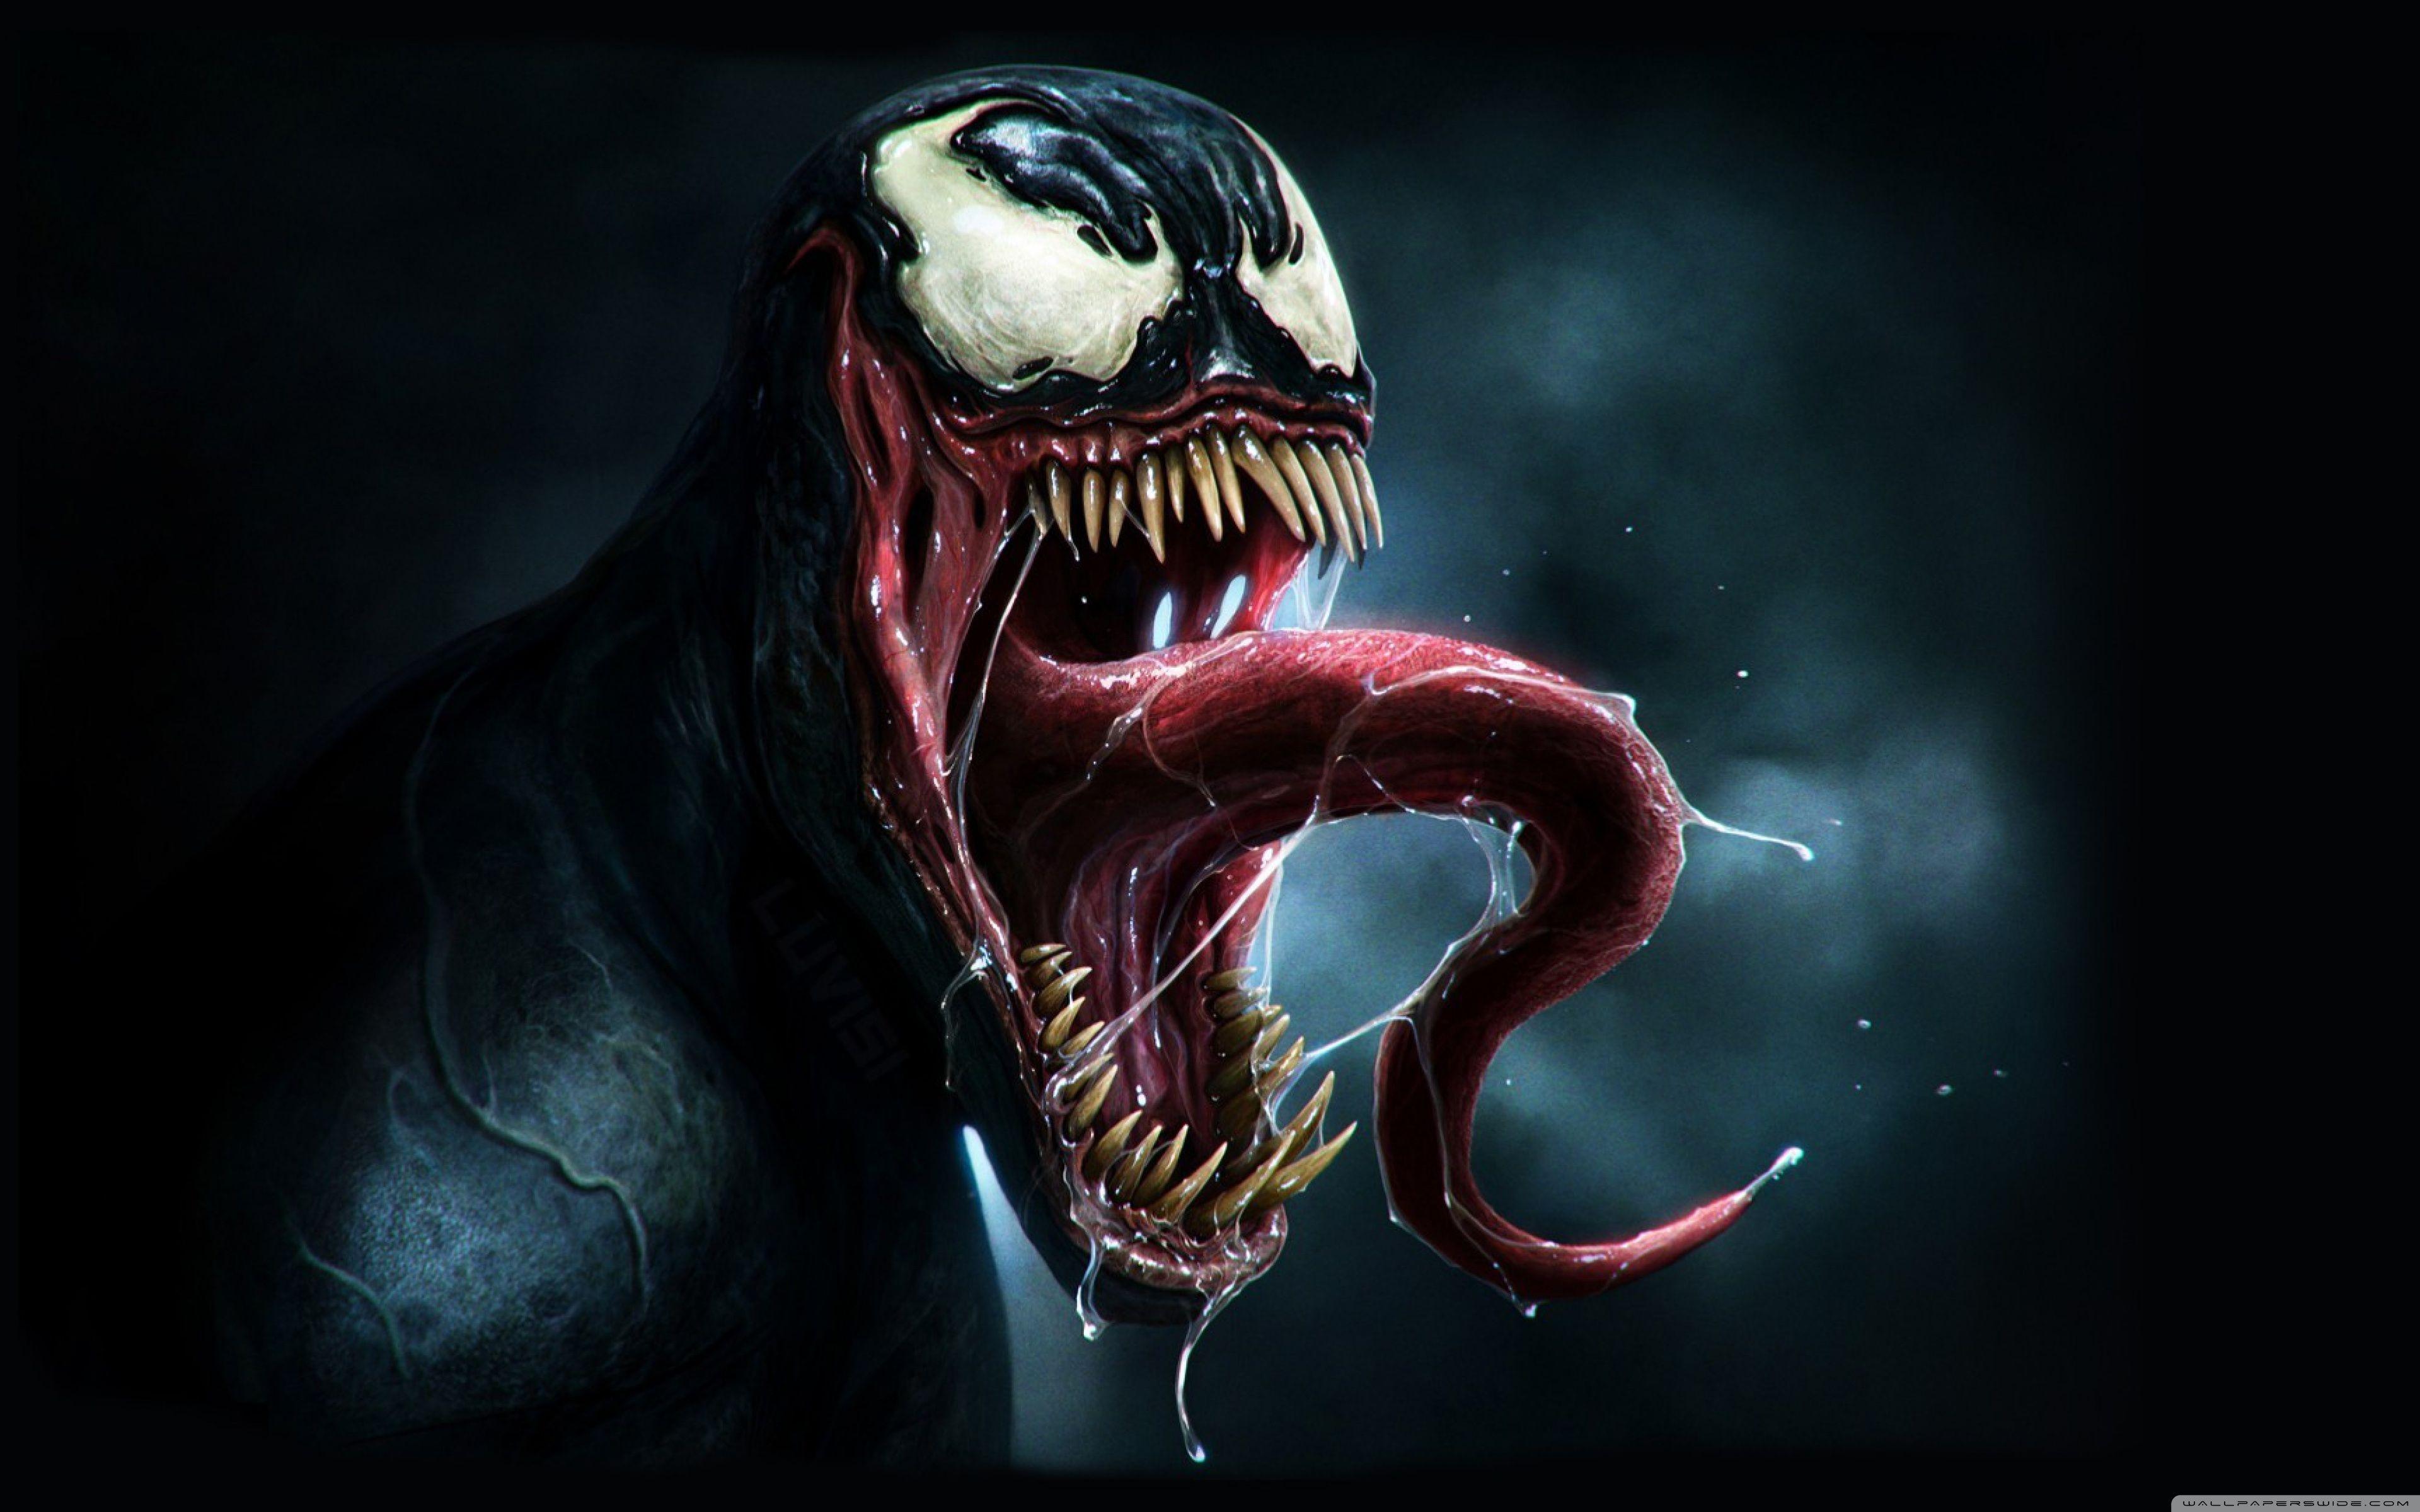 Wallpapers Hd Venom Wallpaper Cave